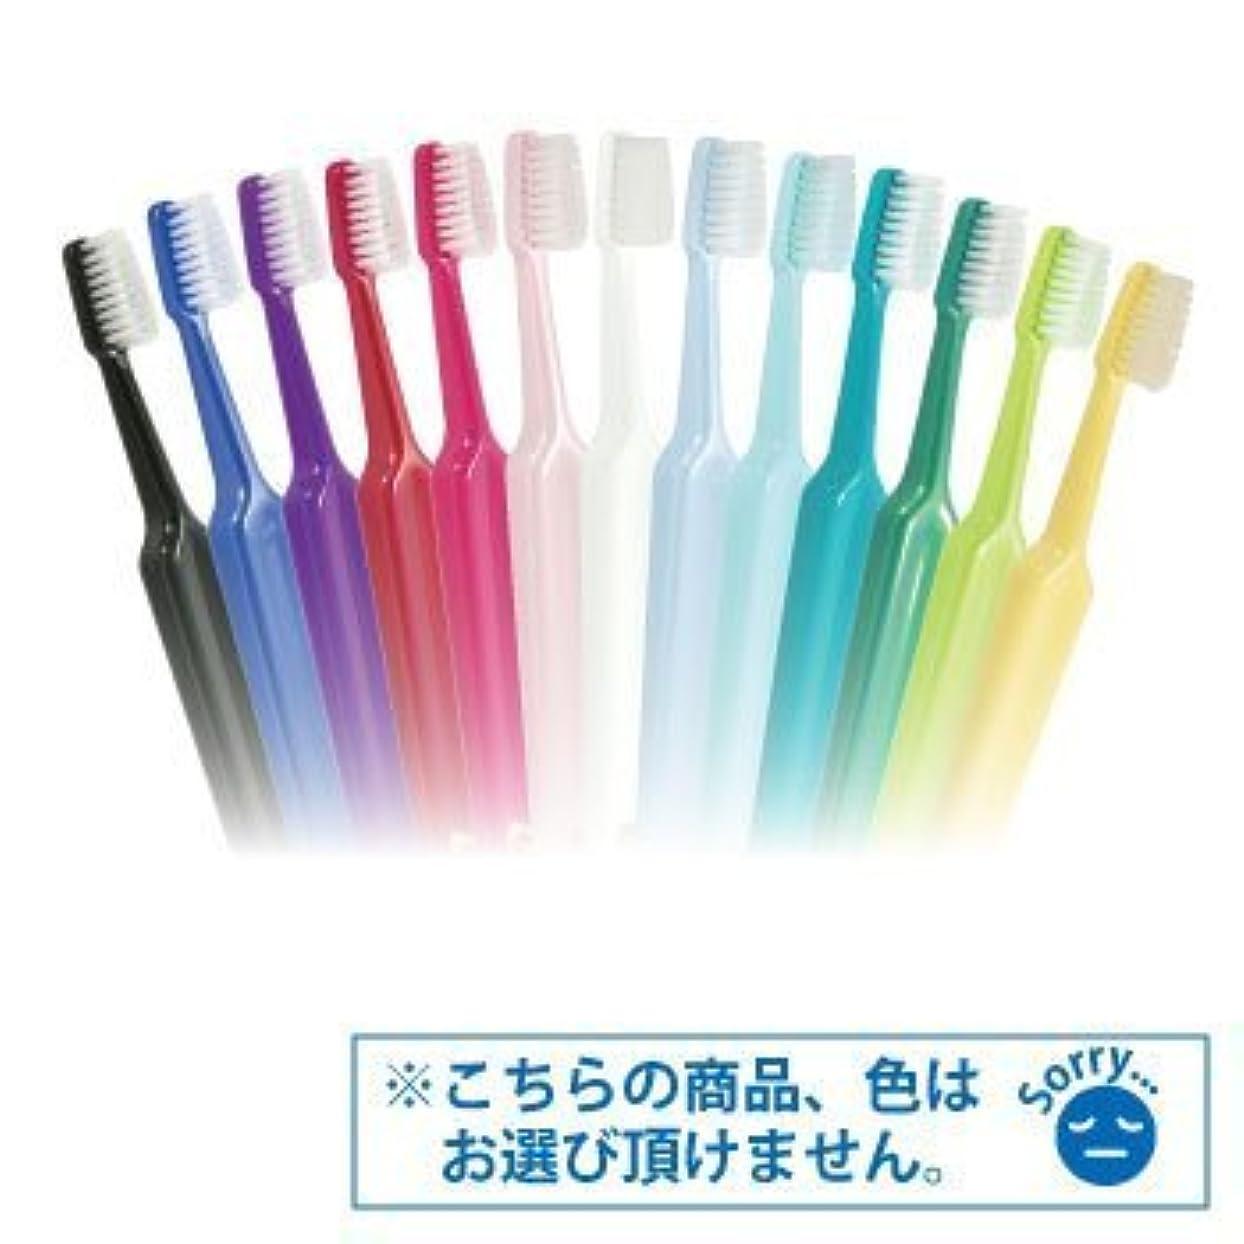 かわす懐疑論形Tepe歯ブラシ セレクトコンパクト /ソフト 30本入り